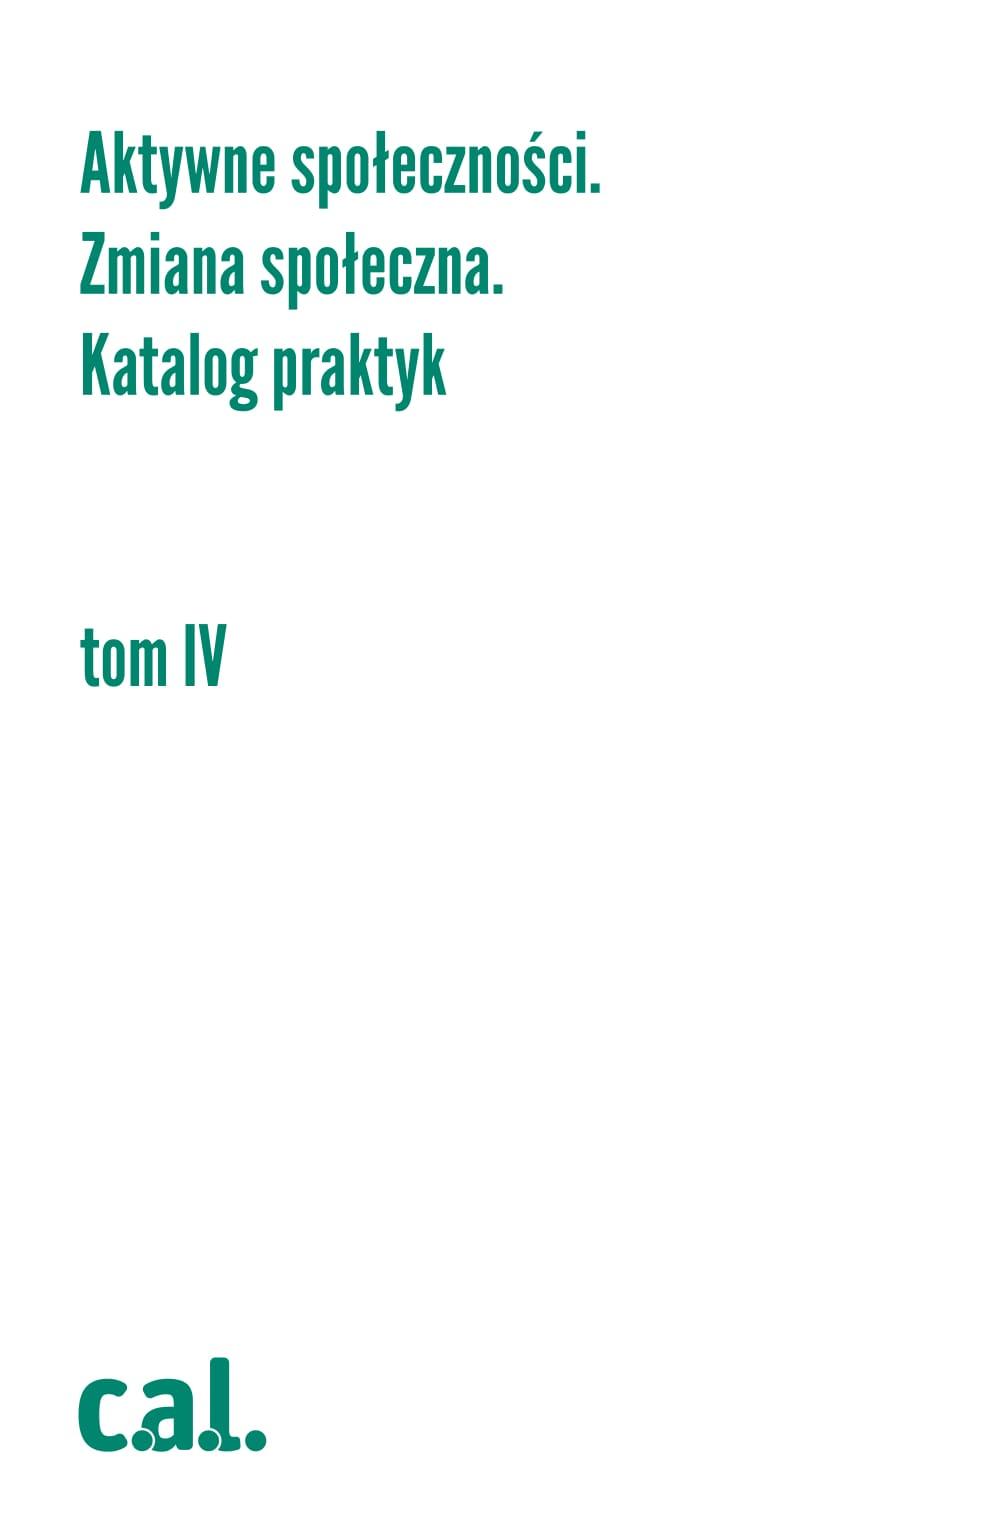 Aktywne społeczności. Zmiana społeczna. Katalog praktyk, tom IV